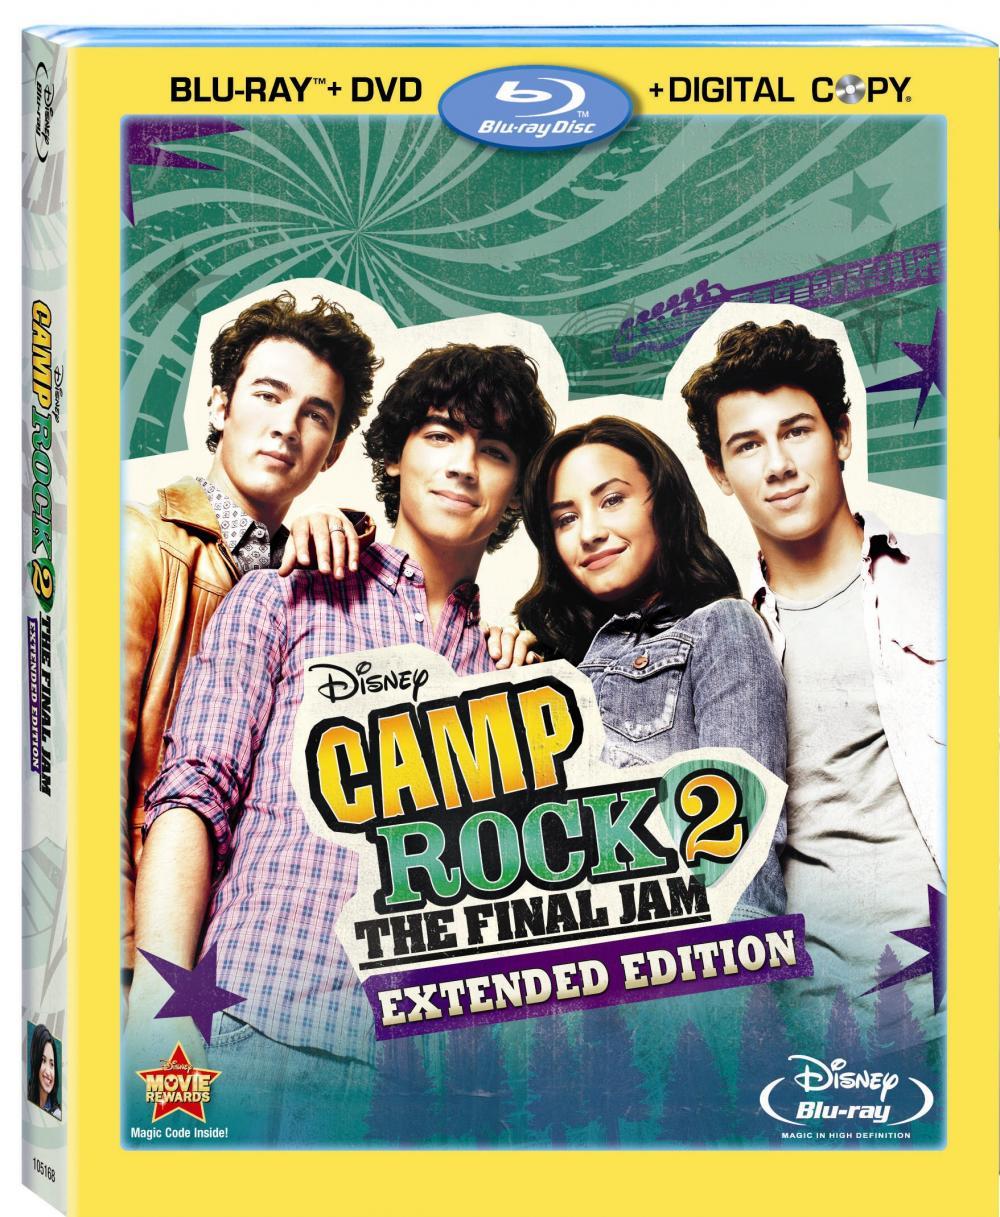 TABARA DE ROCK 2 (BR) CAMP ROCK 2 (BR)